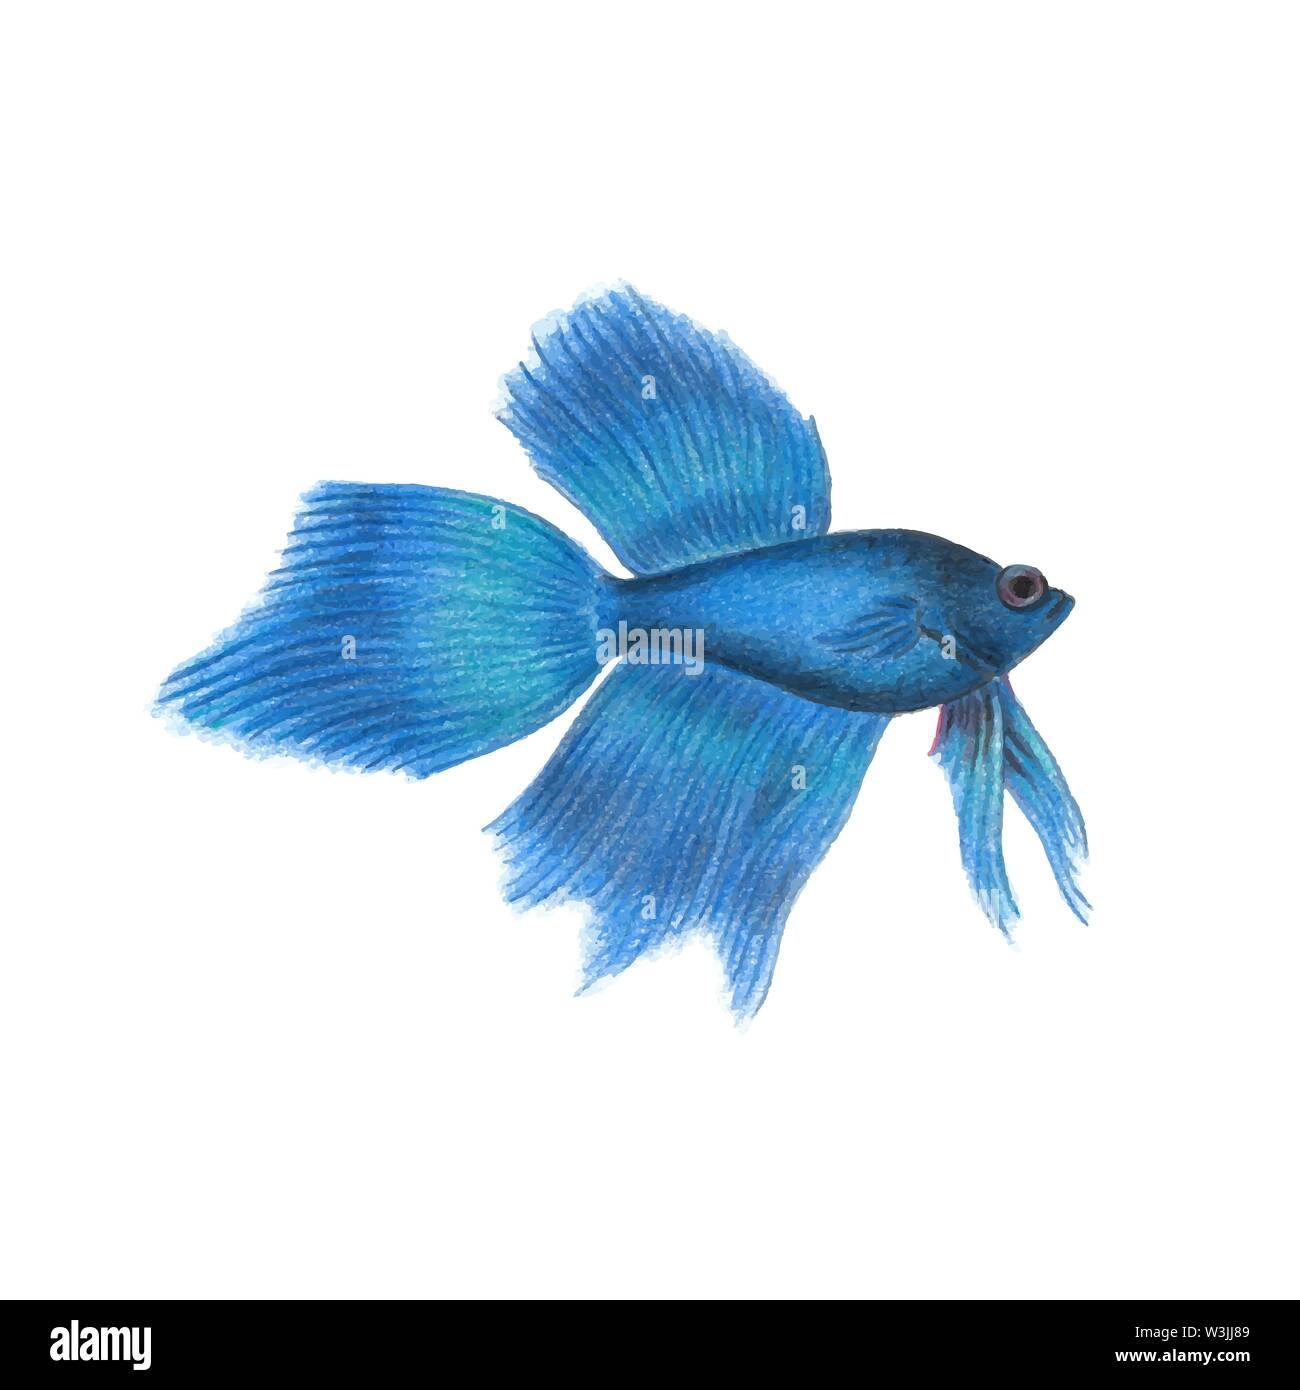 Illustrazione Di Pesce Immagini Illustrazione Di Pesce Fotos